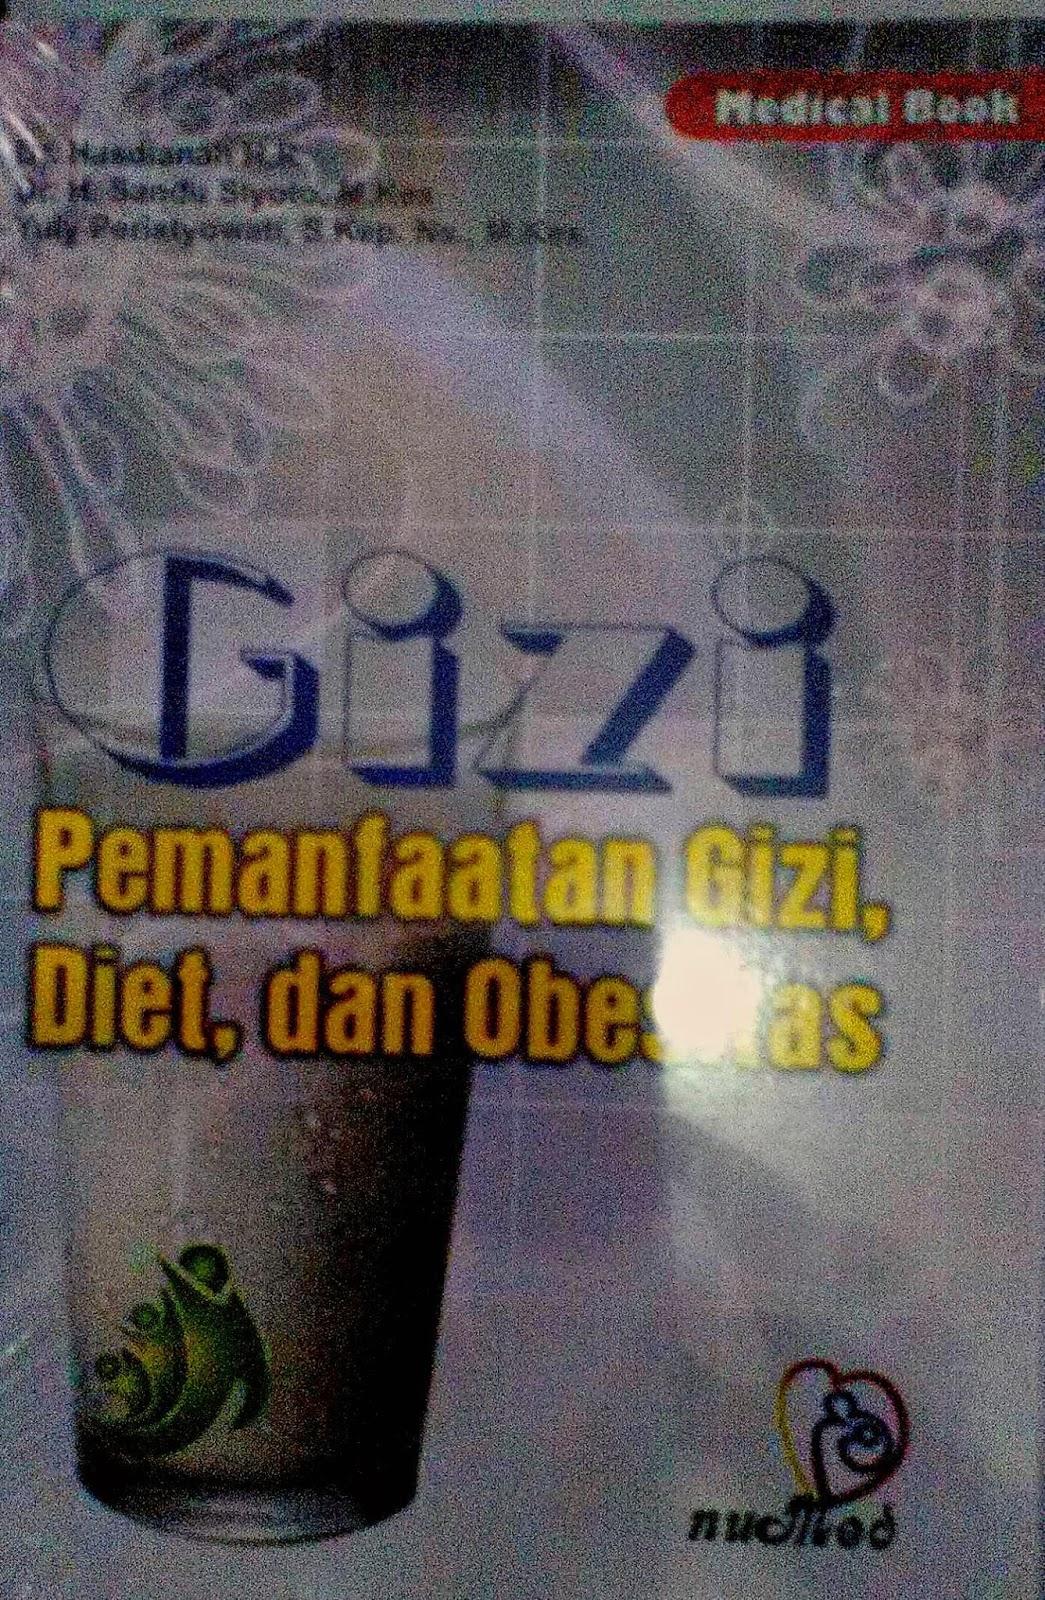 Toko Buku Sang Media : Gizi, Pemanfaatan Gizi, Diet, dan ...